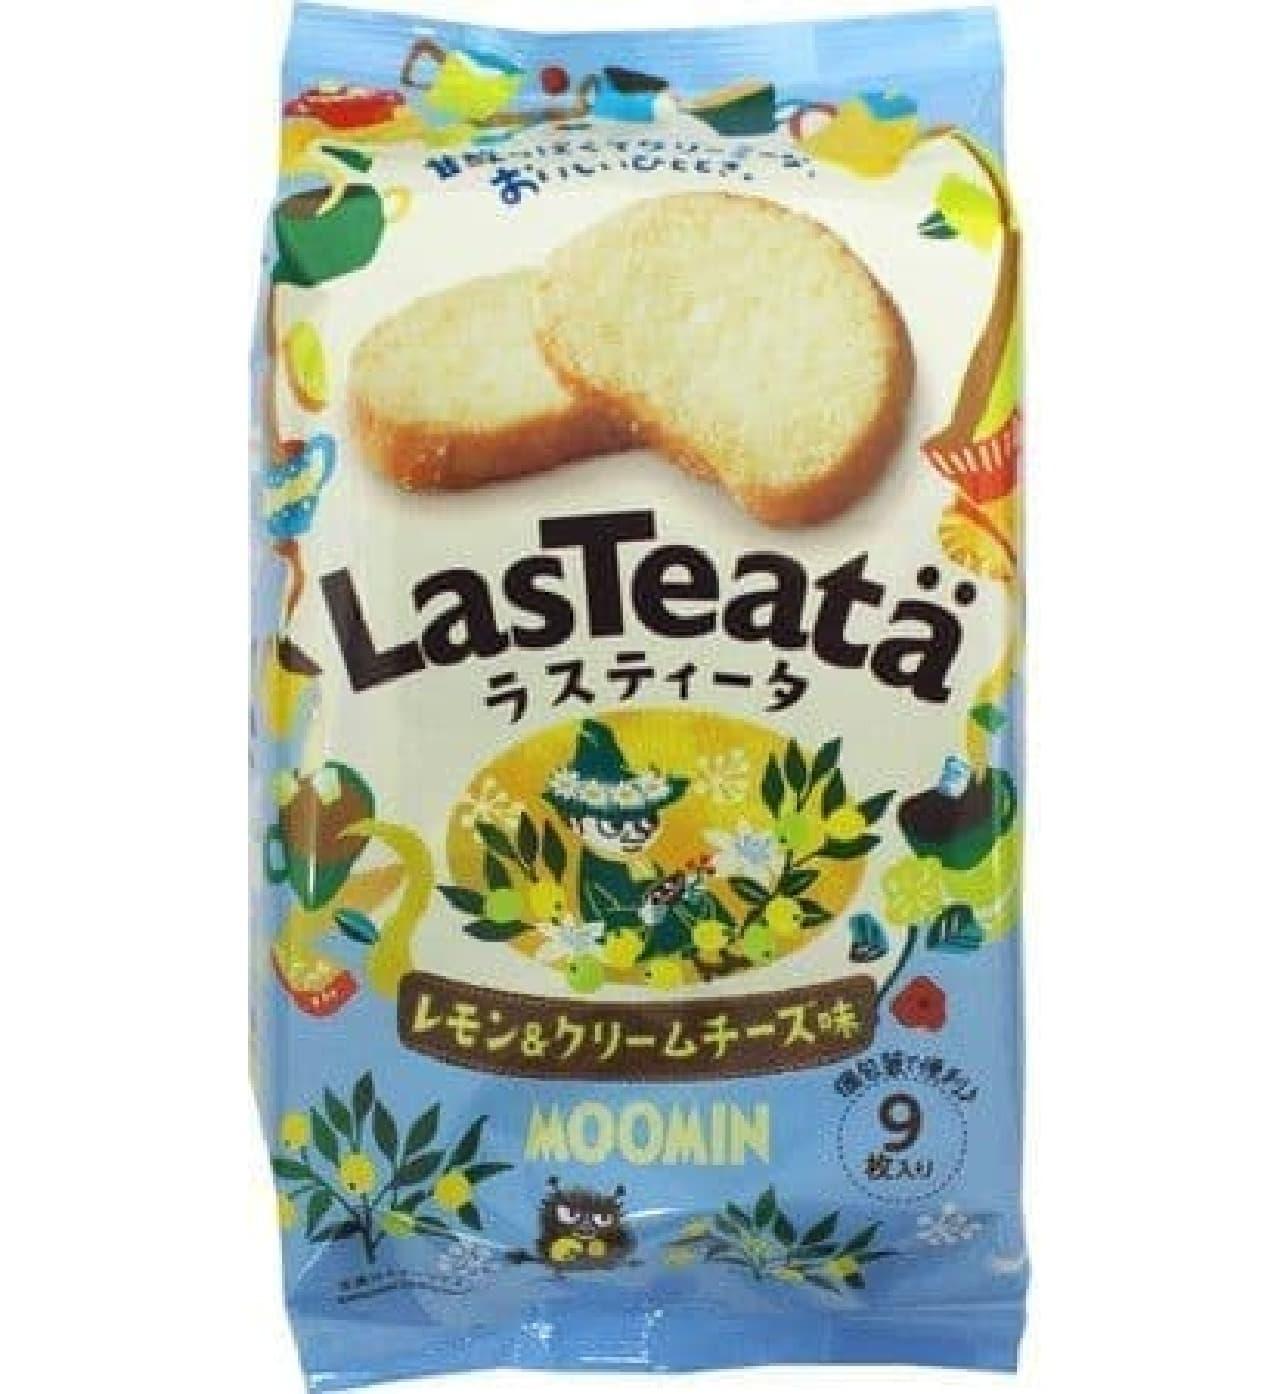 ラスティータ レモン&クリームチーズ味